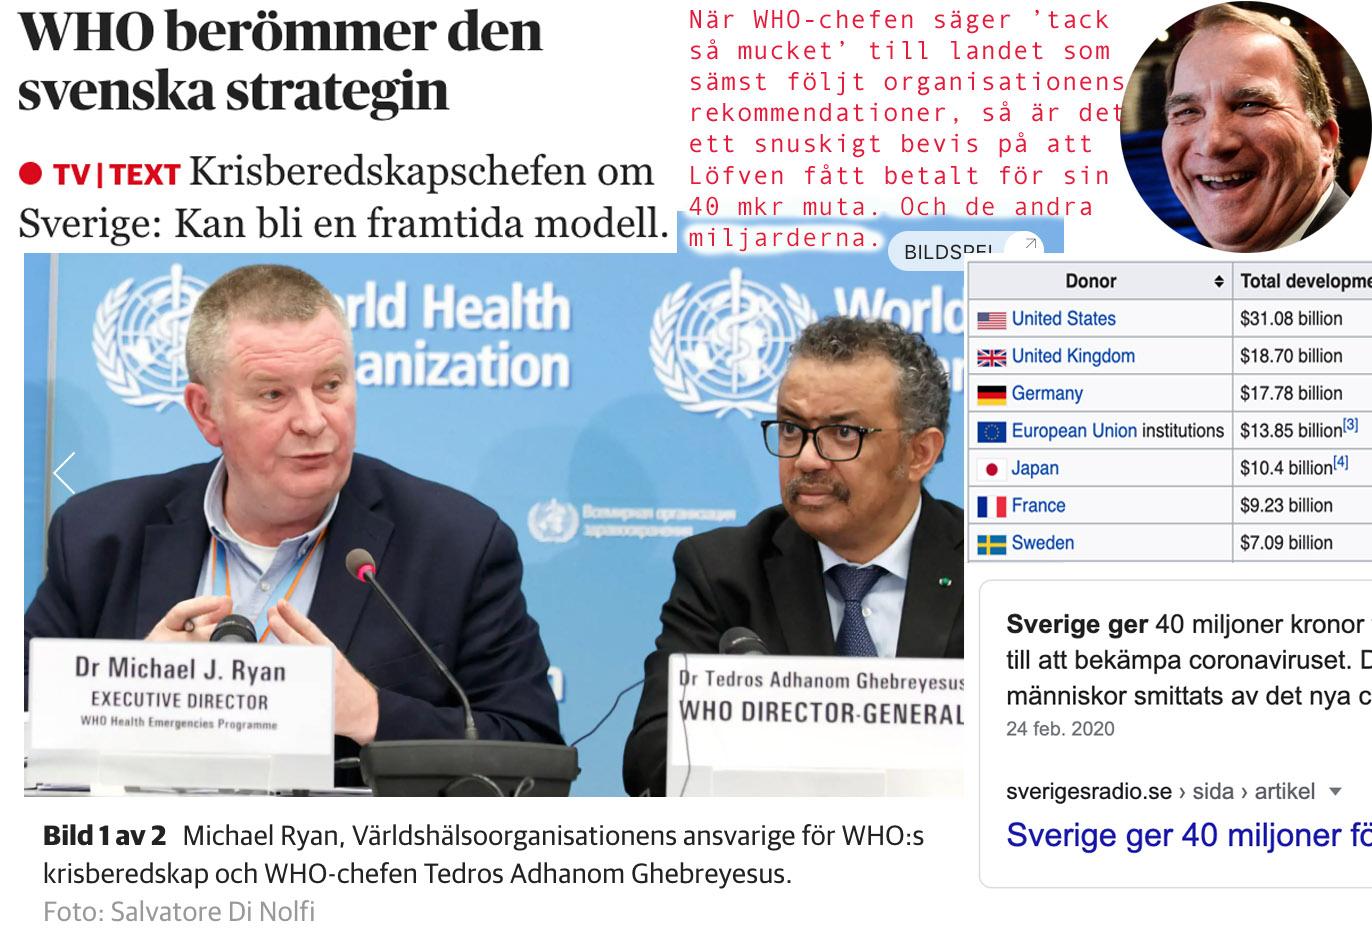 När WHO berömmer Sverige, sämst i klassen, så är det snuskigt kräleri för deras stora donator.